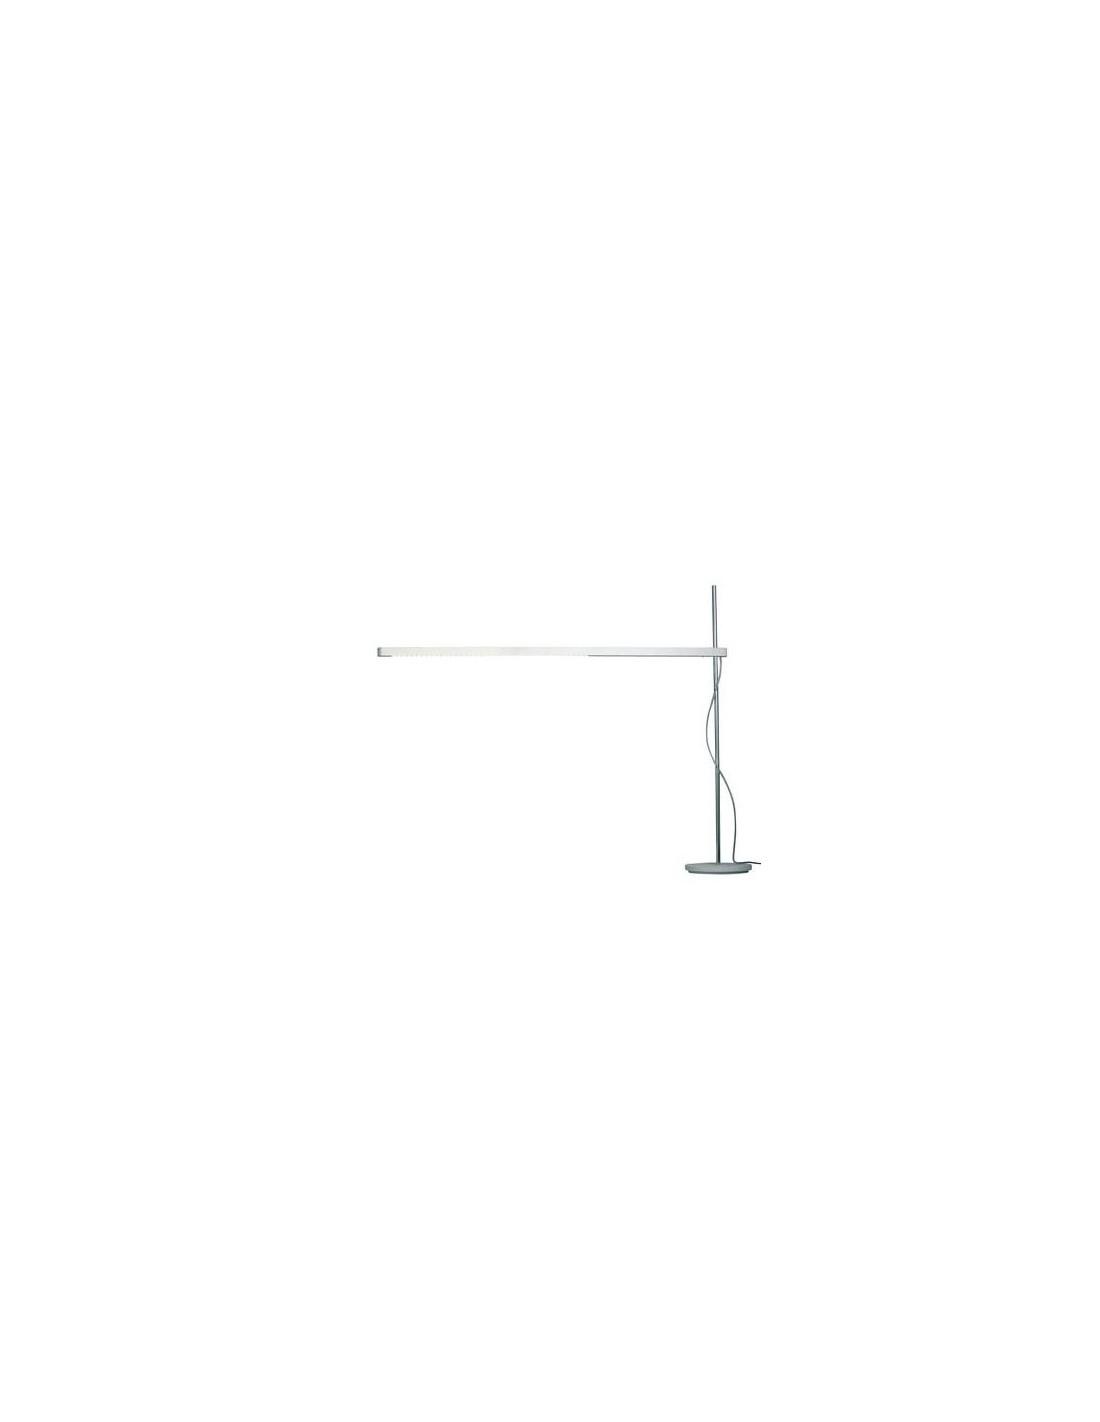 Lampe de table Talak Led vue de profil Artemide